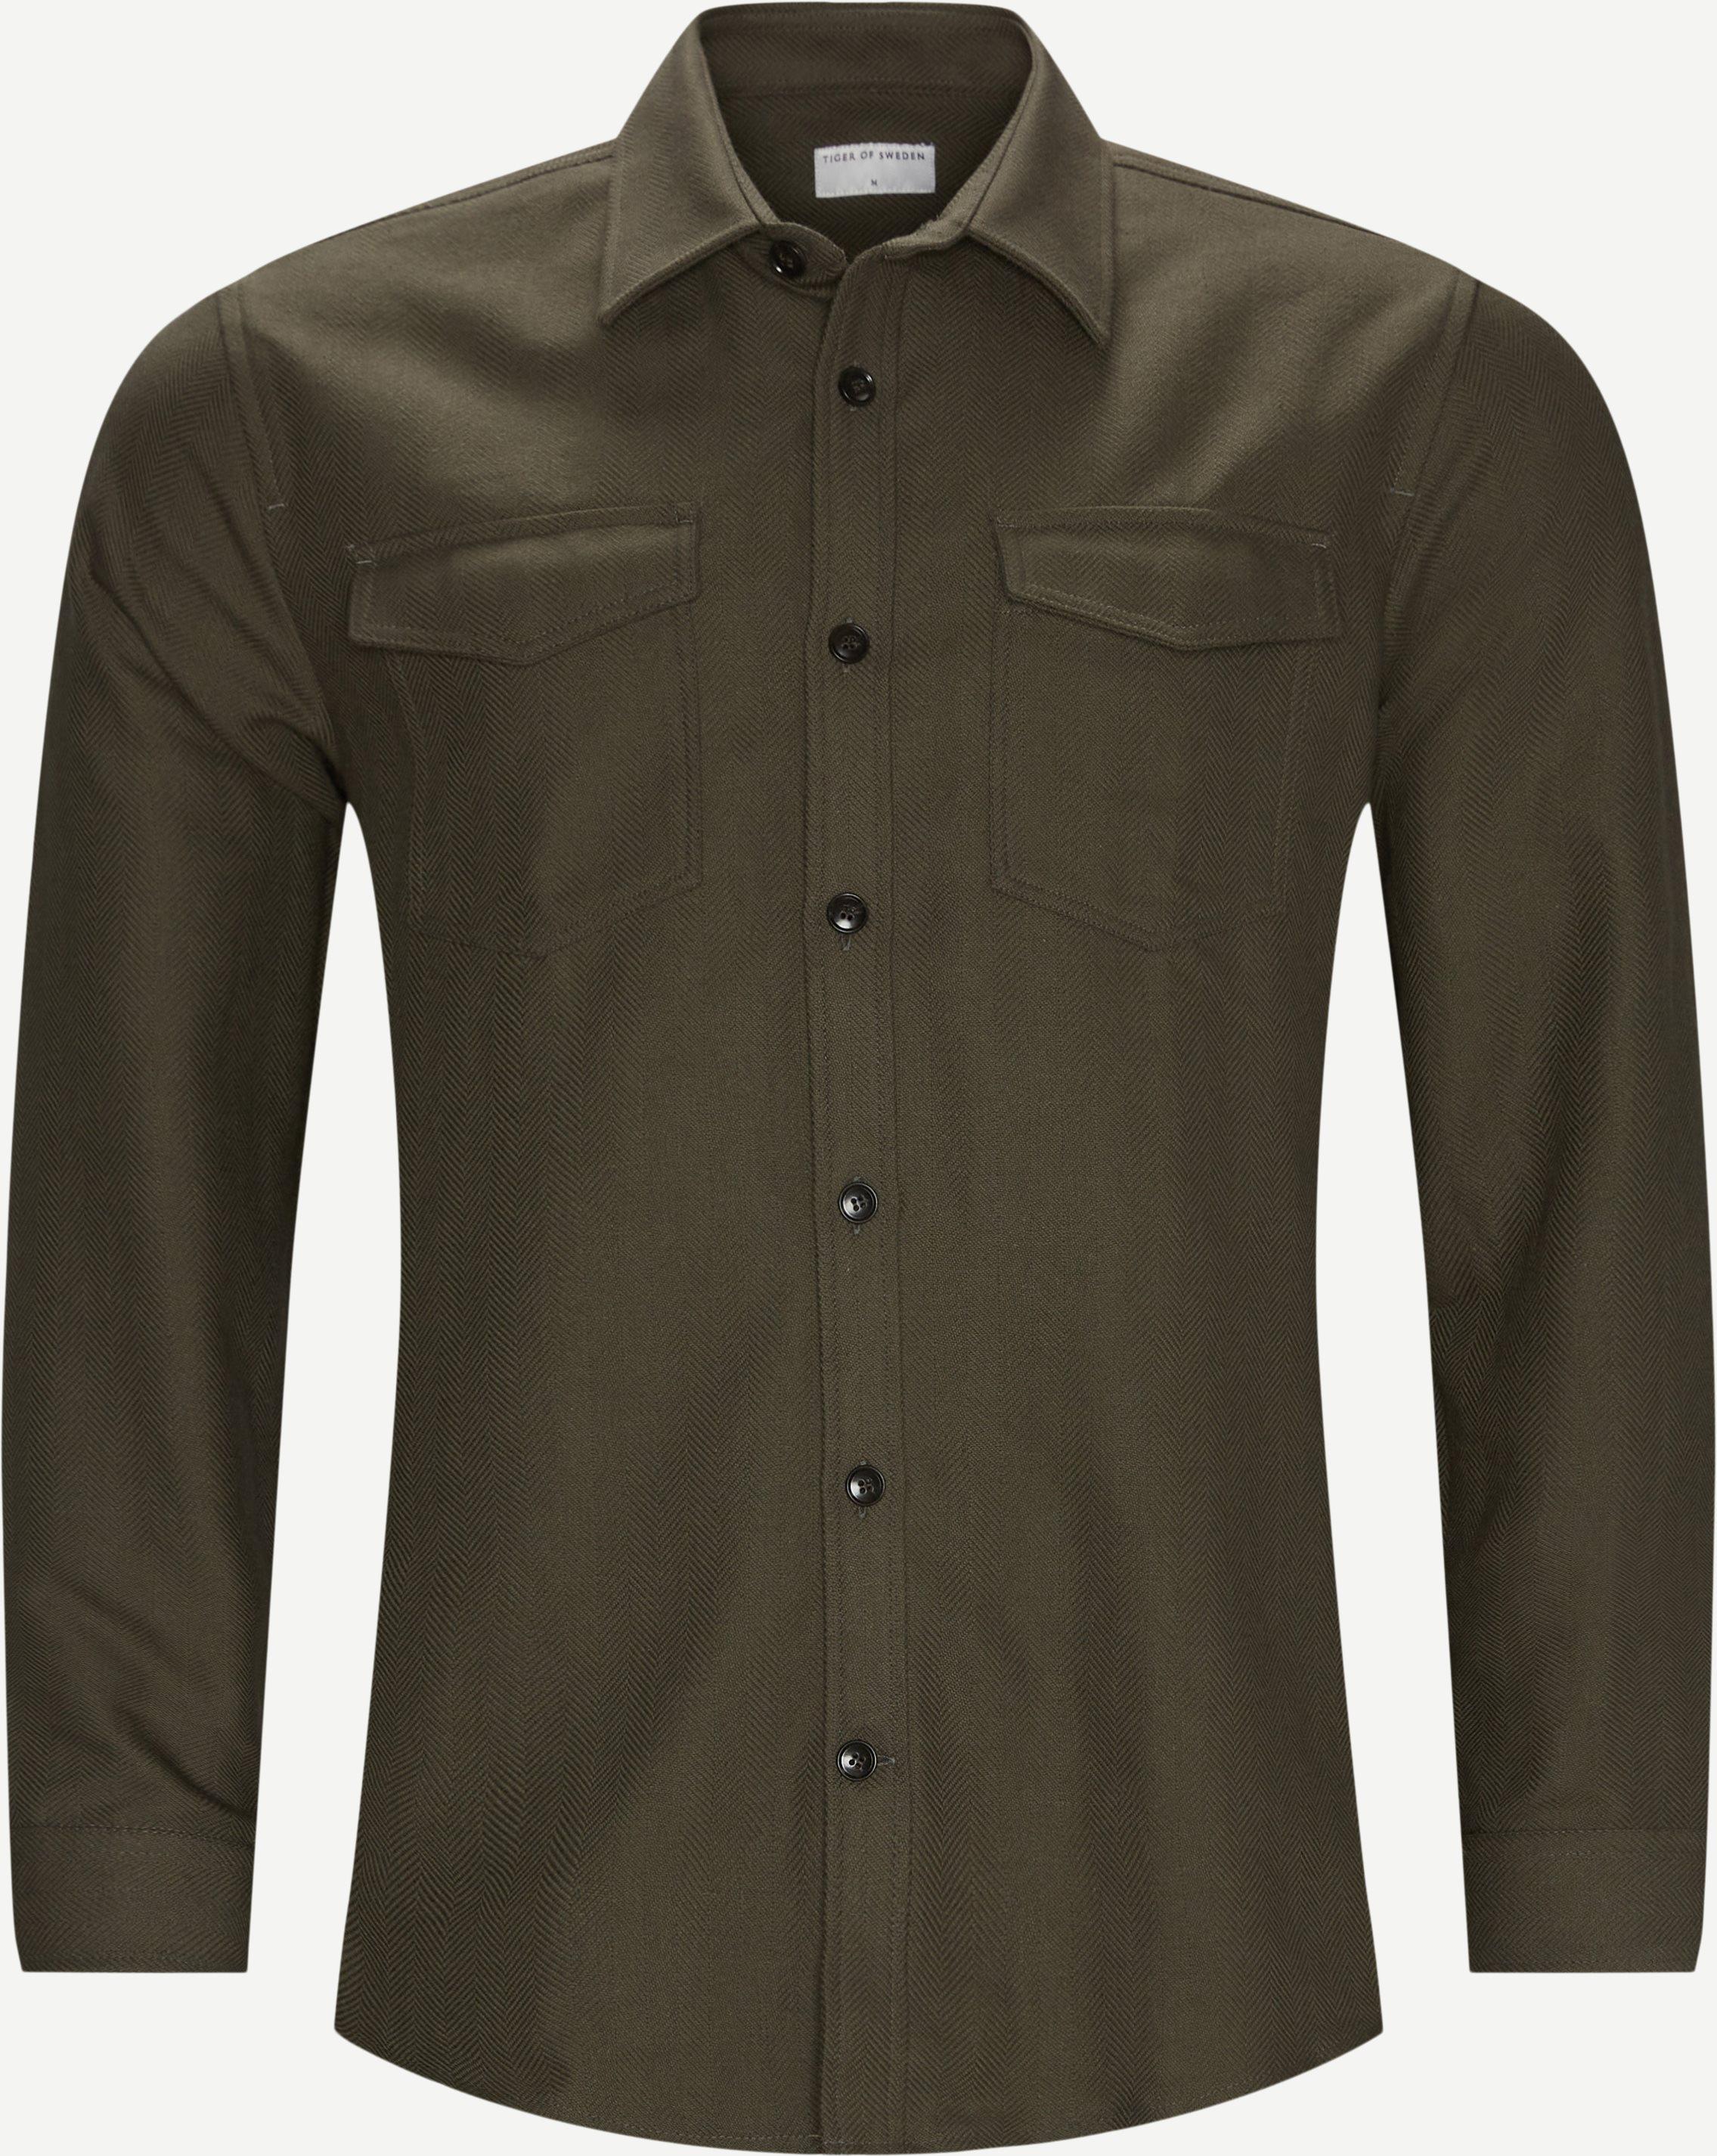 69391 Arnou Overshirt - Overshirts - Regular fit - Grøn